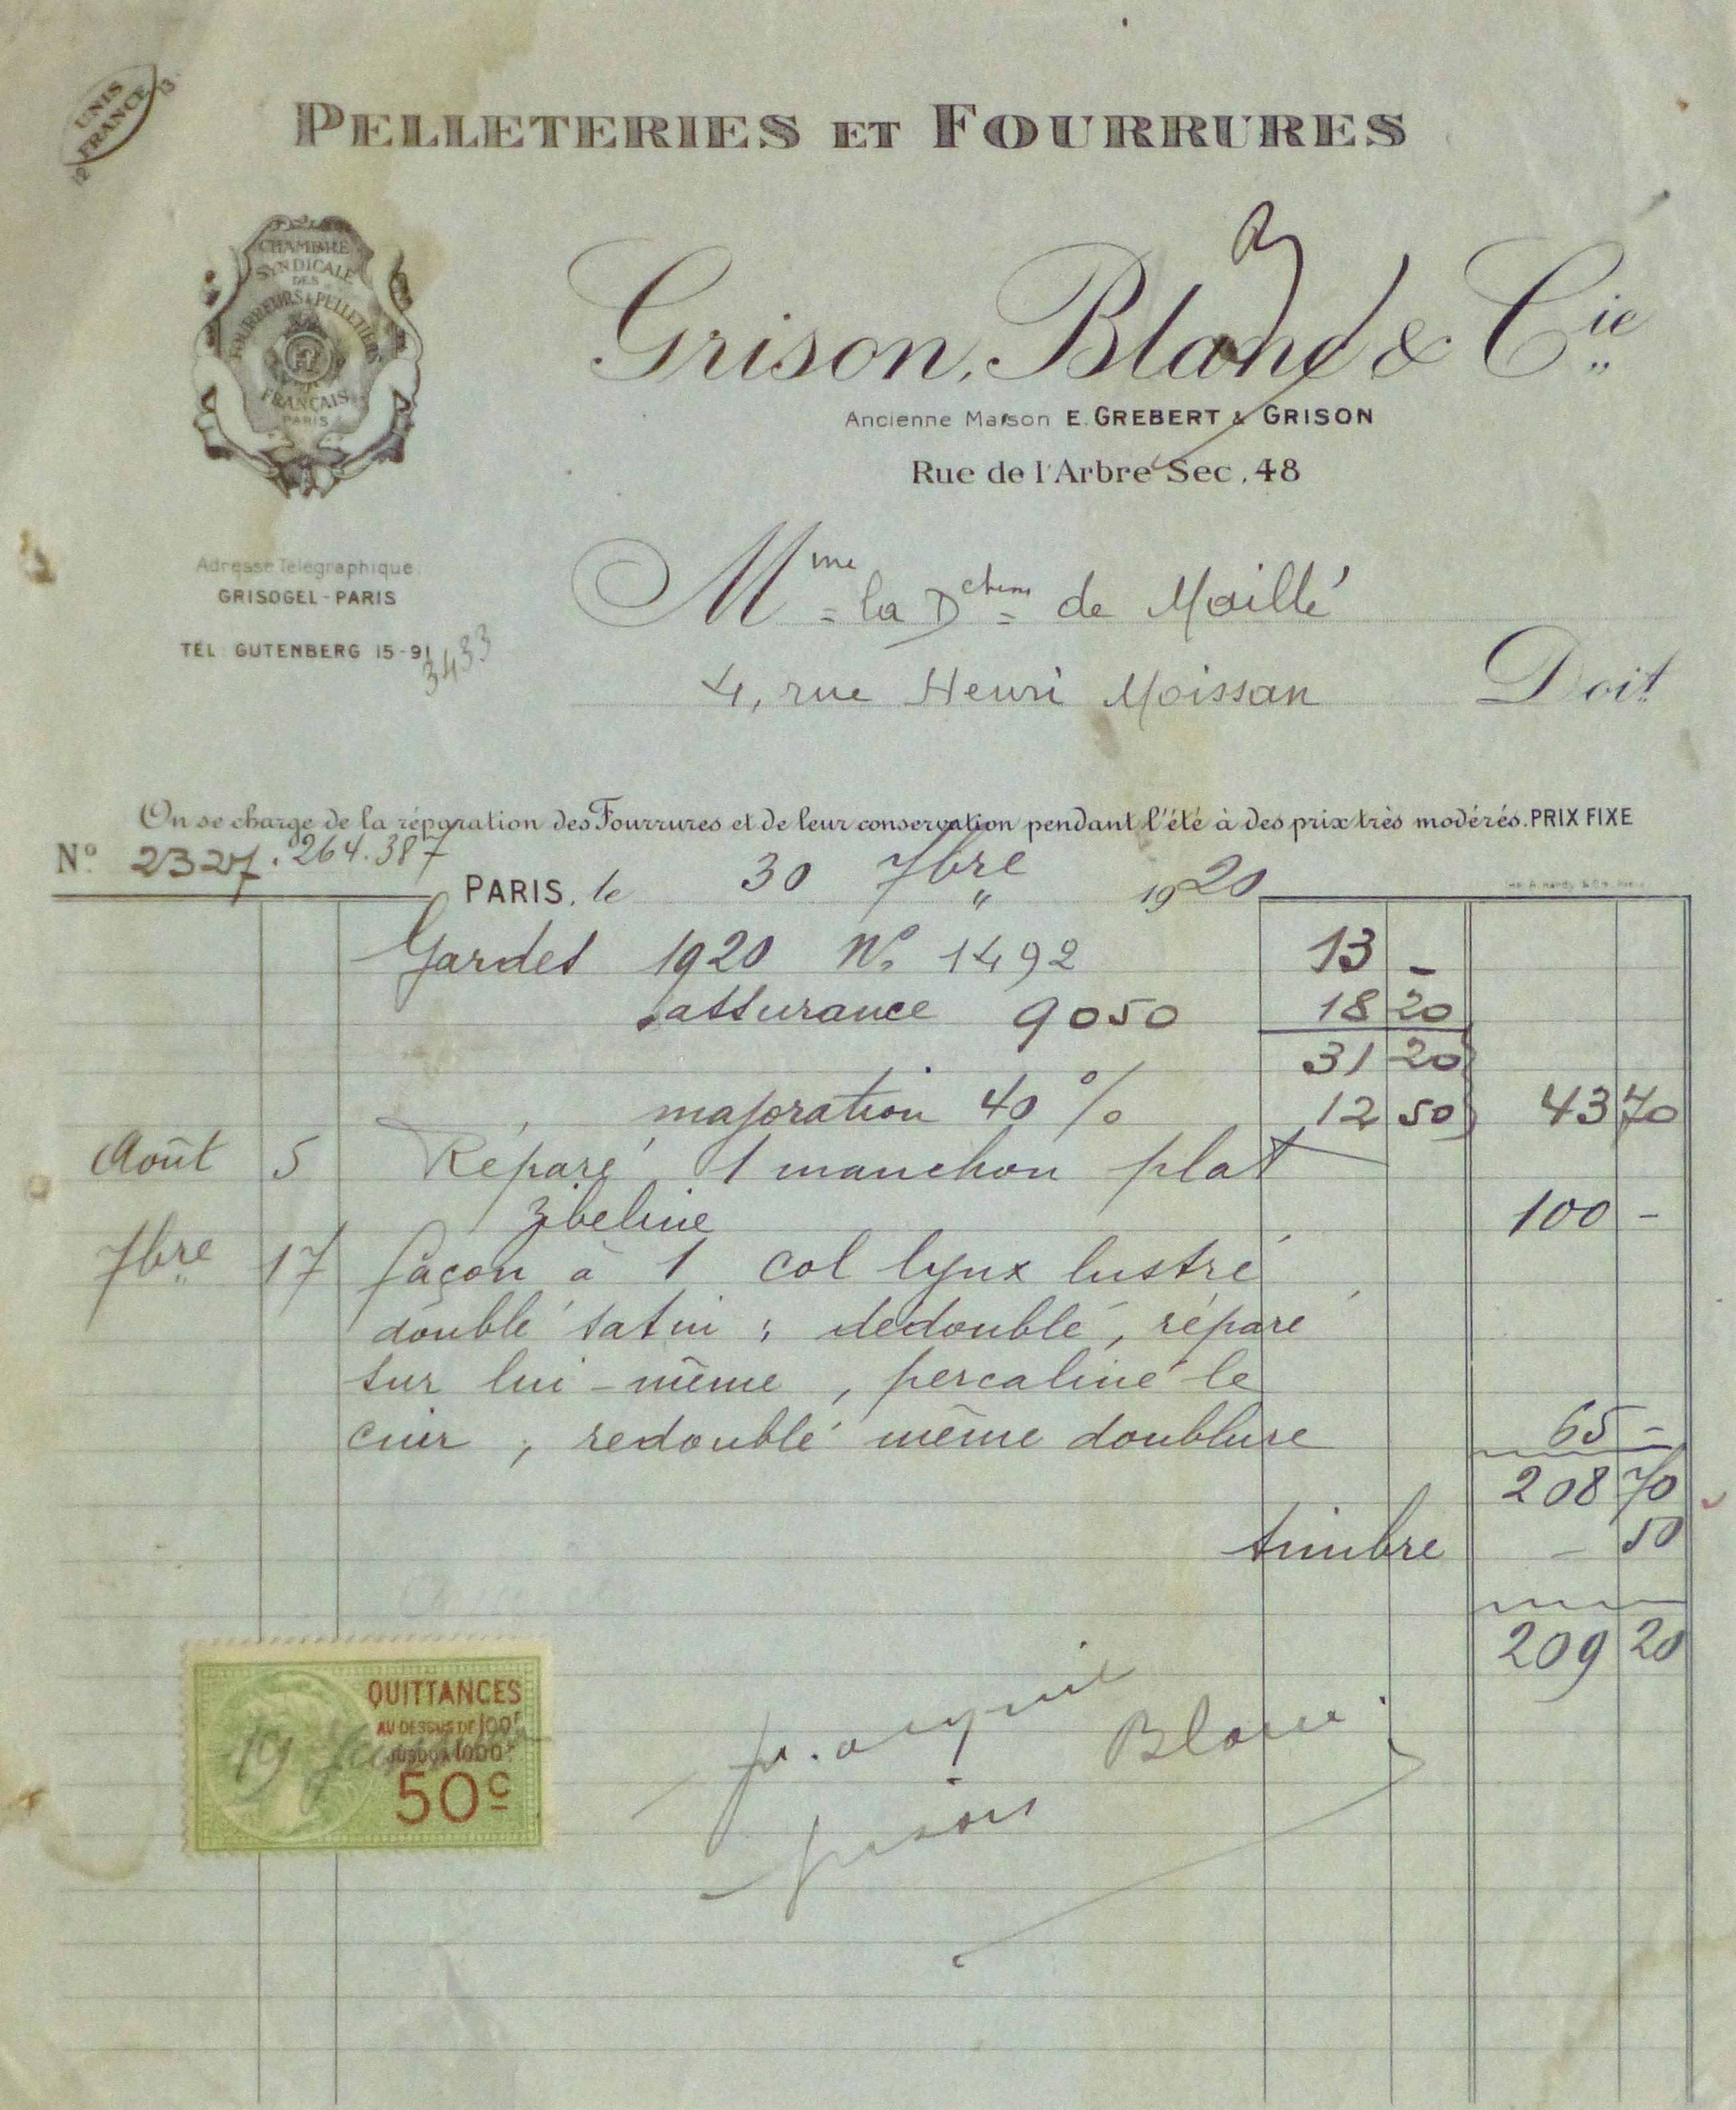 Duchess of Maillé Furs Receipt, 1920-main-10574M